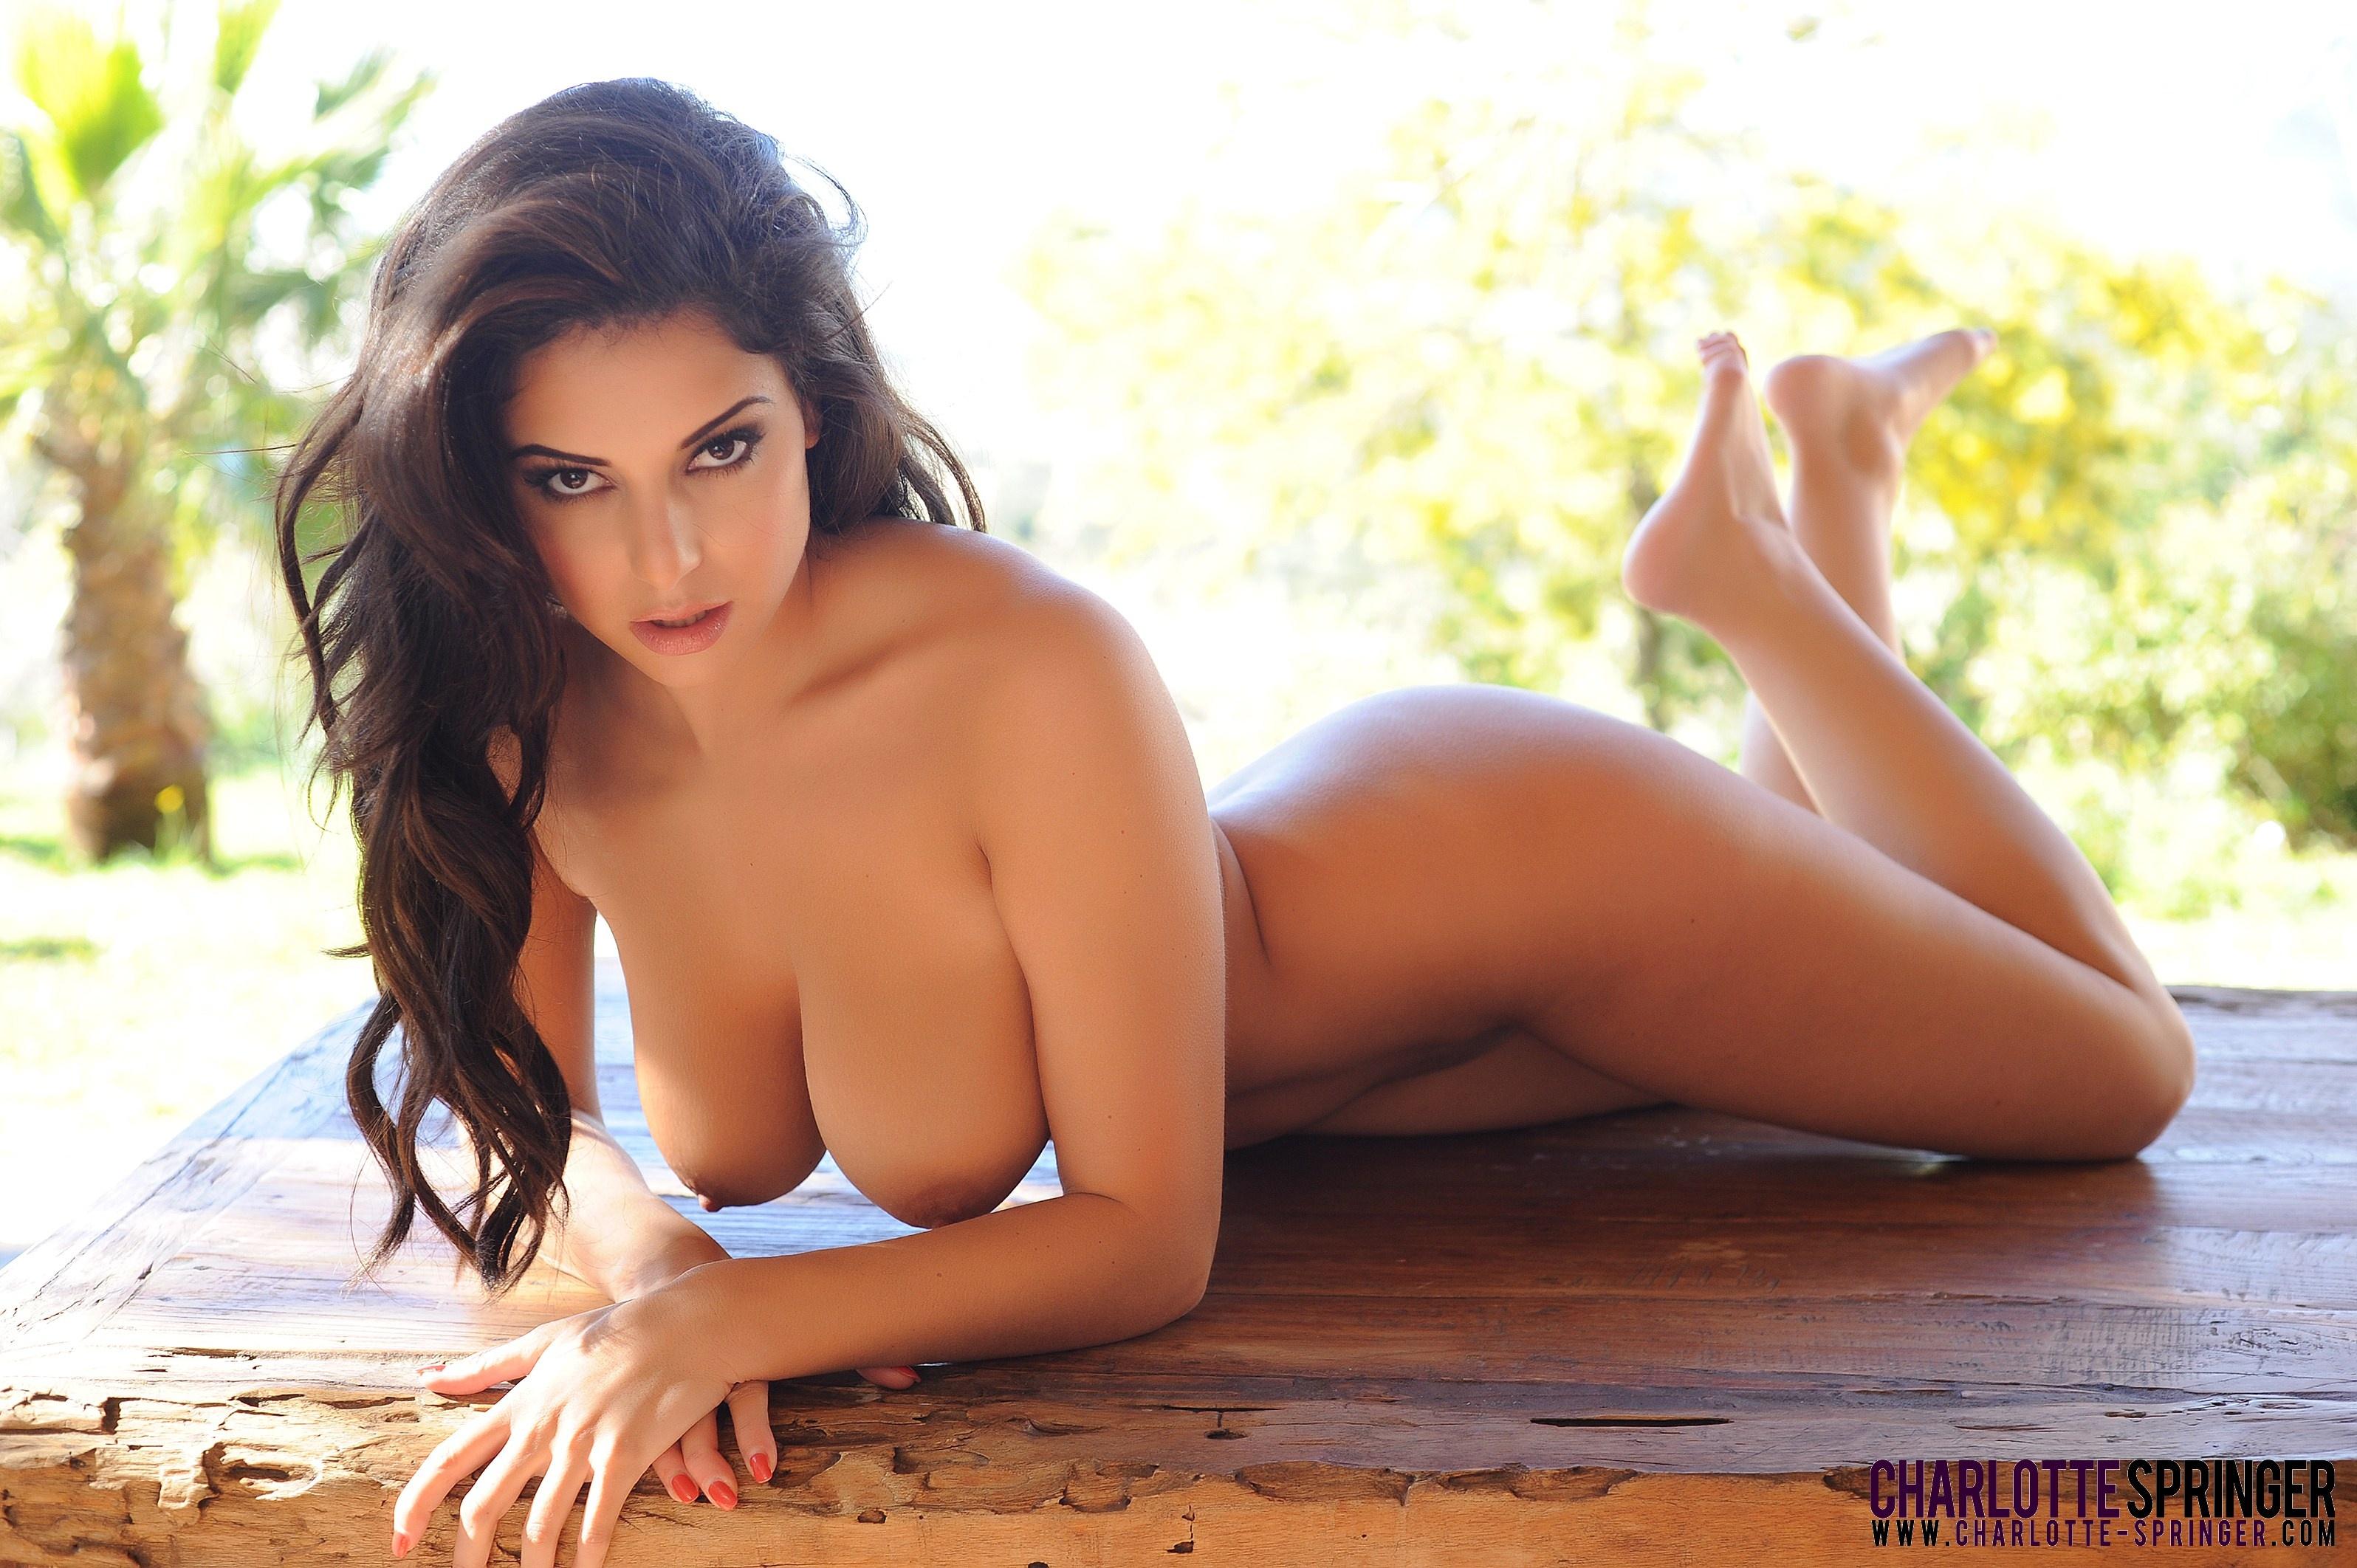 fuckn chick a nude great dane